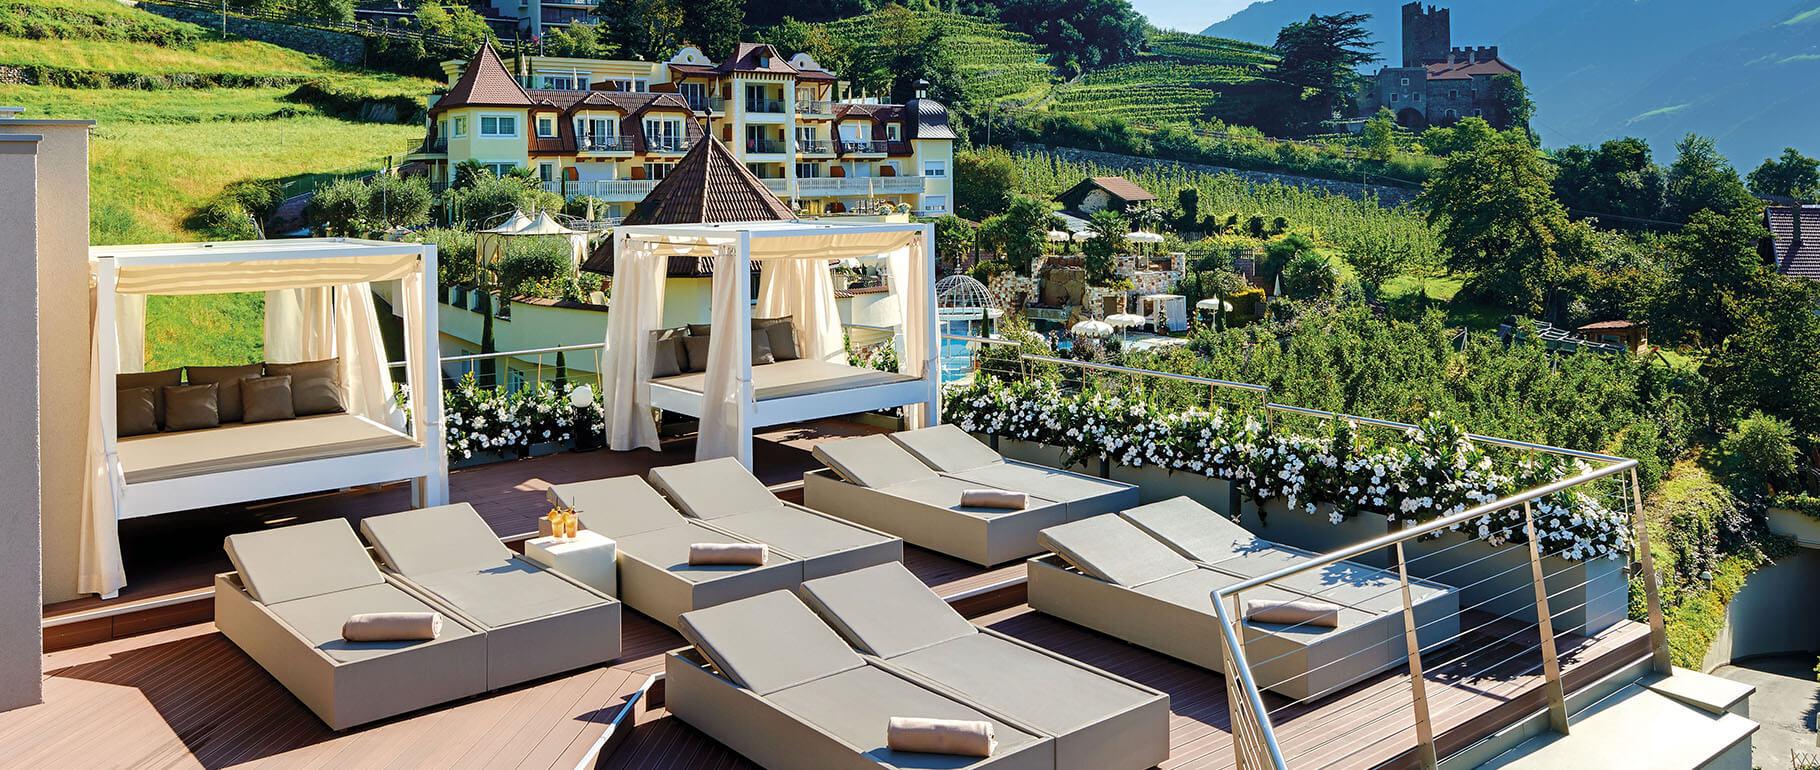 Garten Hotel Preidlhof